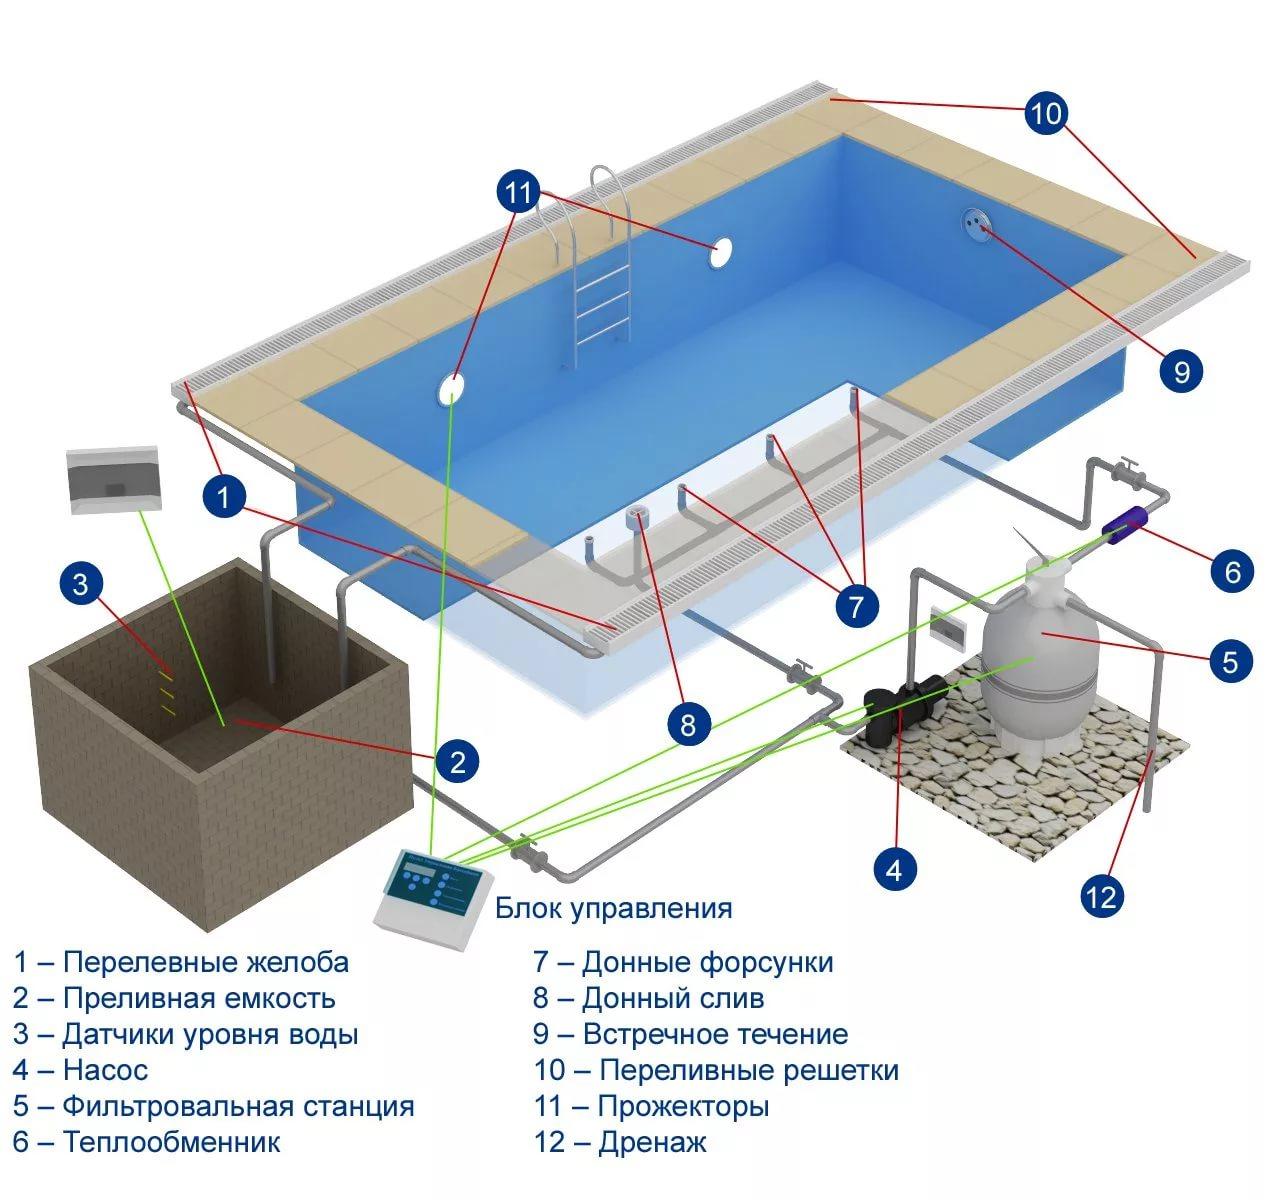 установка бассейна в бетонном бассейне